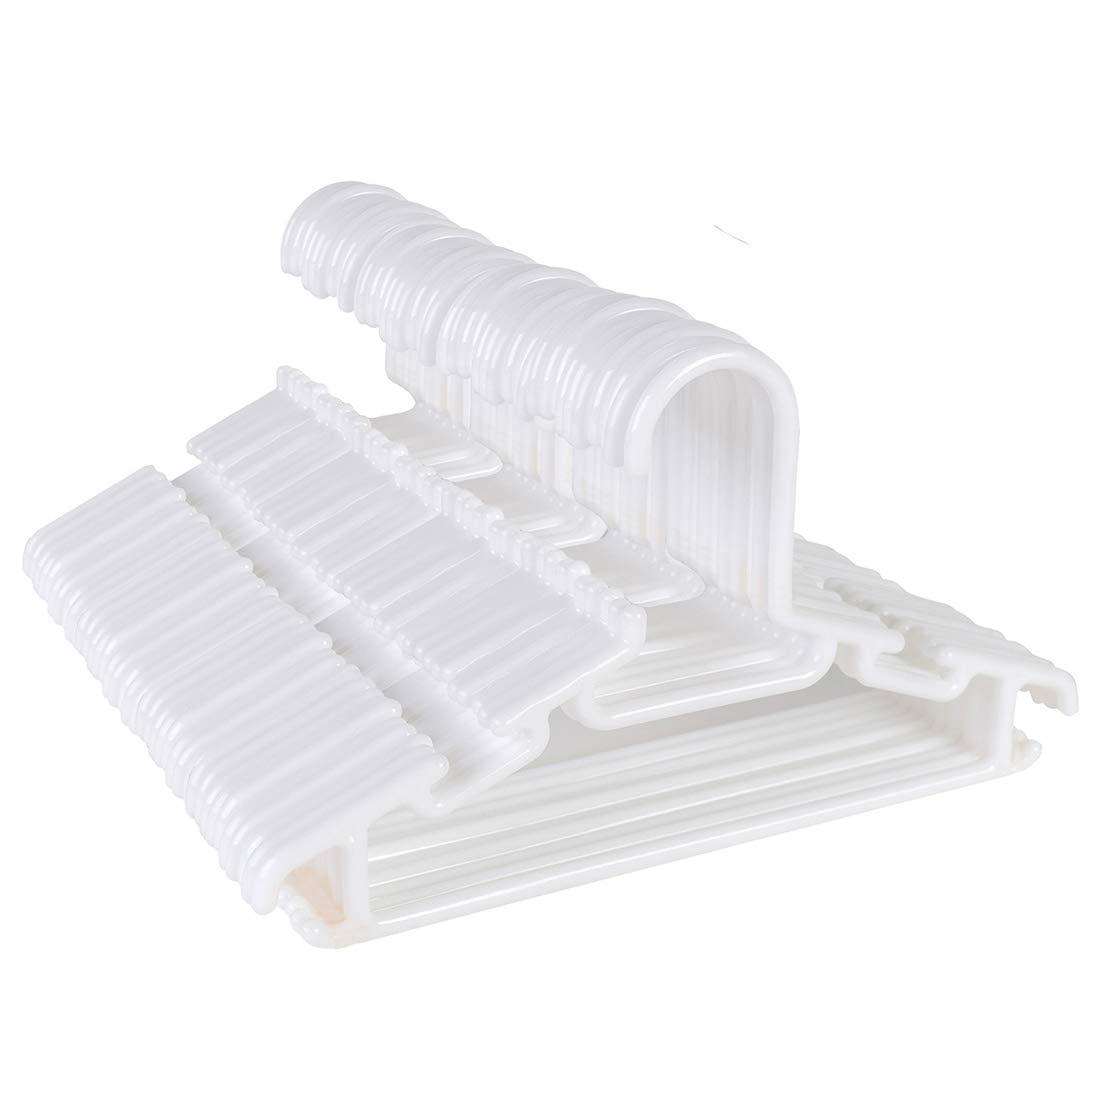 Tosnail 40 Pack Plastic Children's Hangers - White T-ChildrenHangers-30Pack